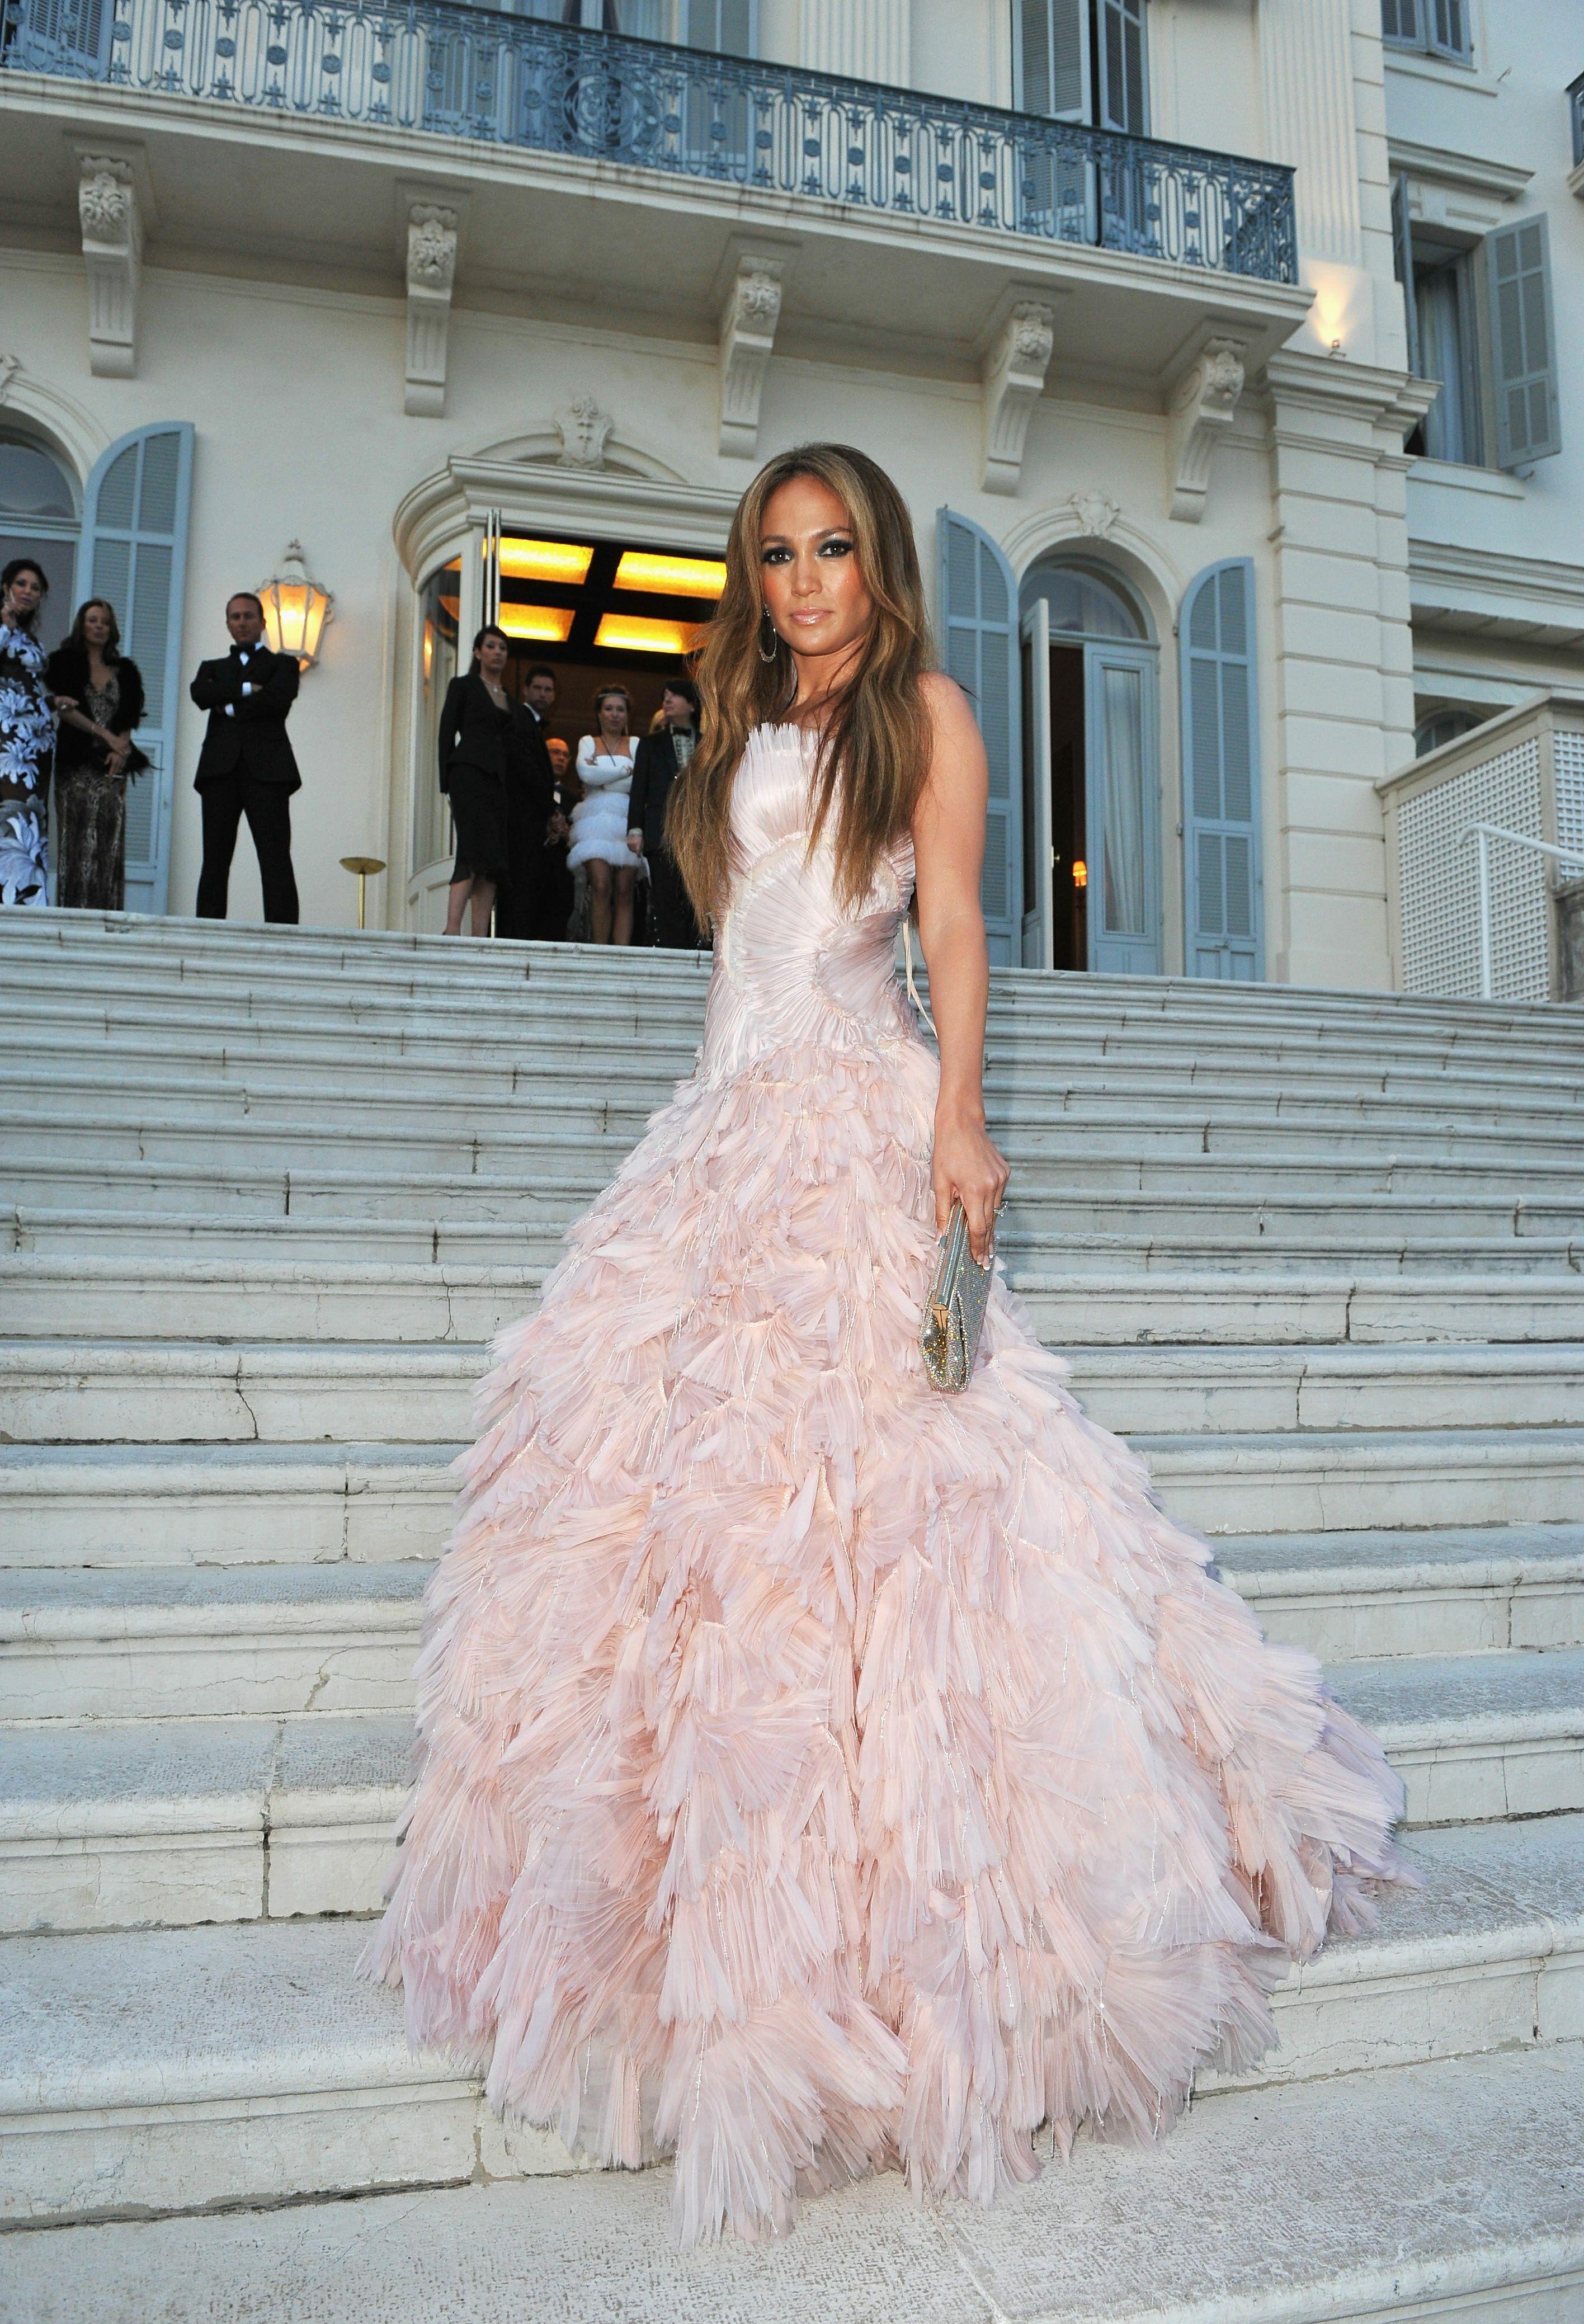 Jlo wedding dress  Jennifer Lopez  Jennifer Lopez Style  Pinterest  Jennifer lopez